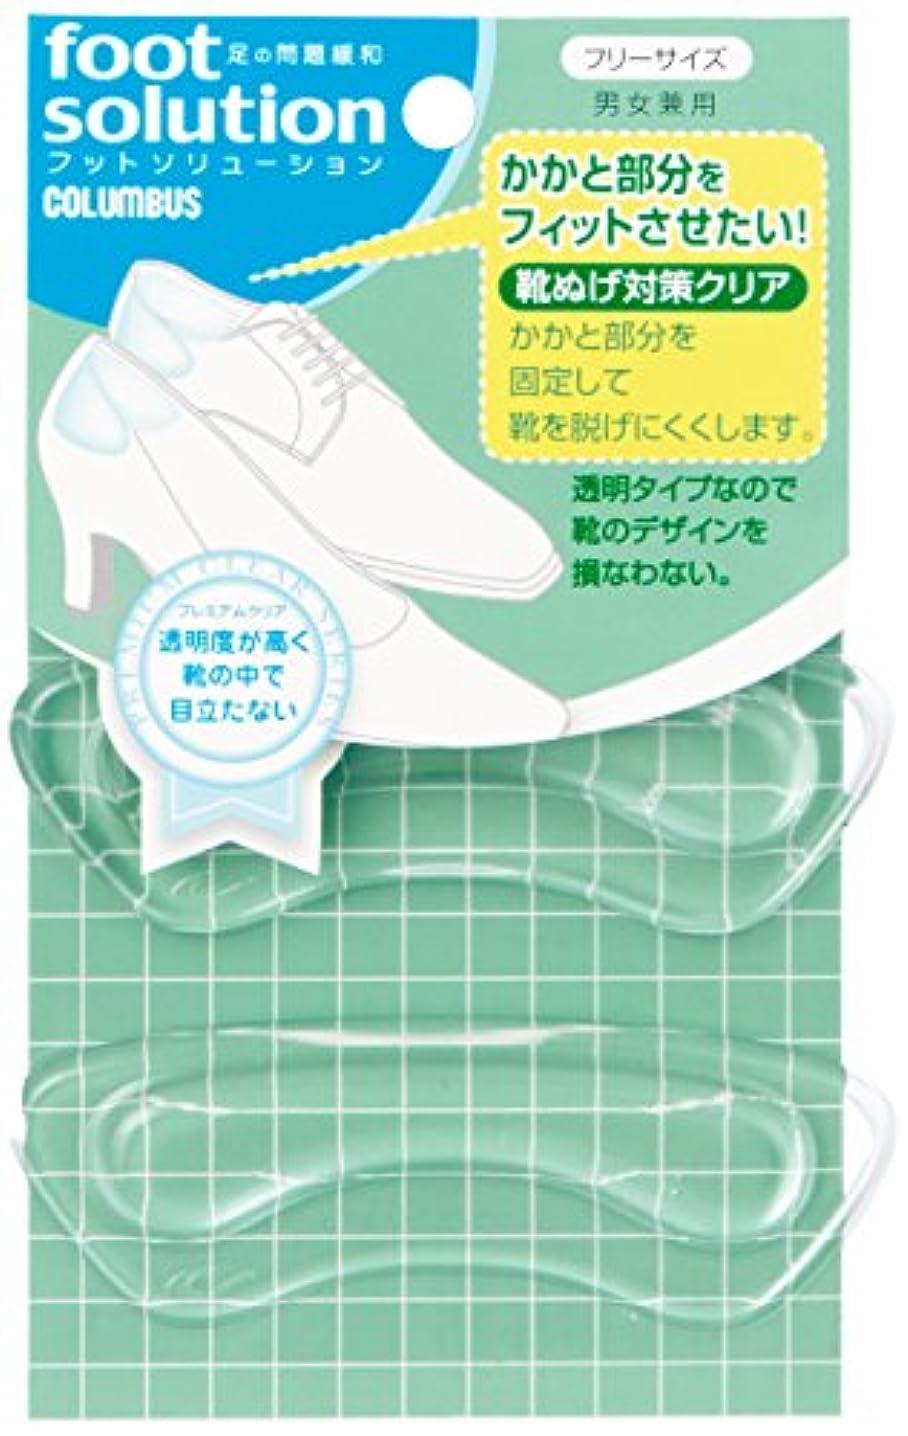 ドリルコック政令[コロンブス] 靴脱げ対策クリア Foot Solution 88550005 N 女性用フリーサイズ